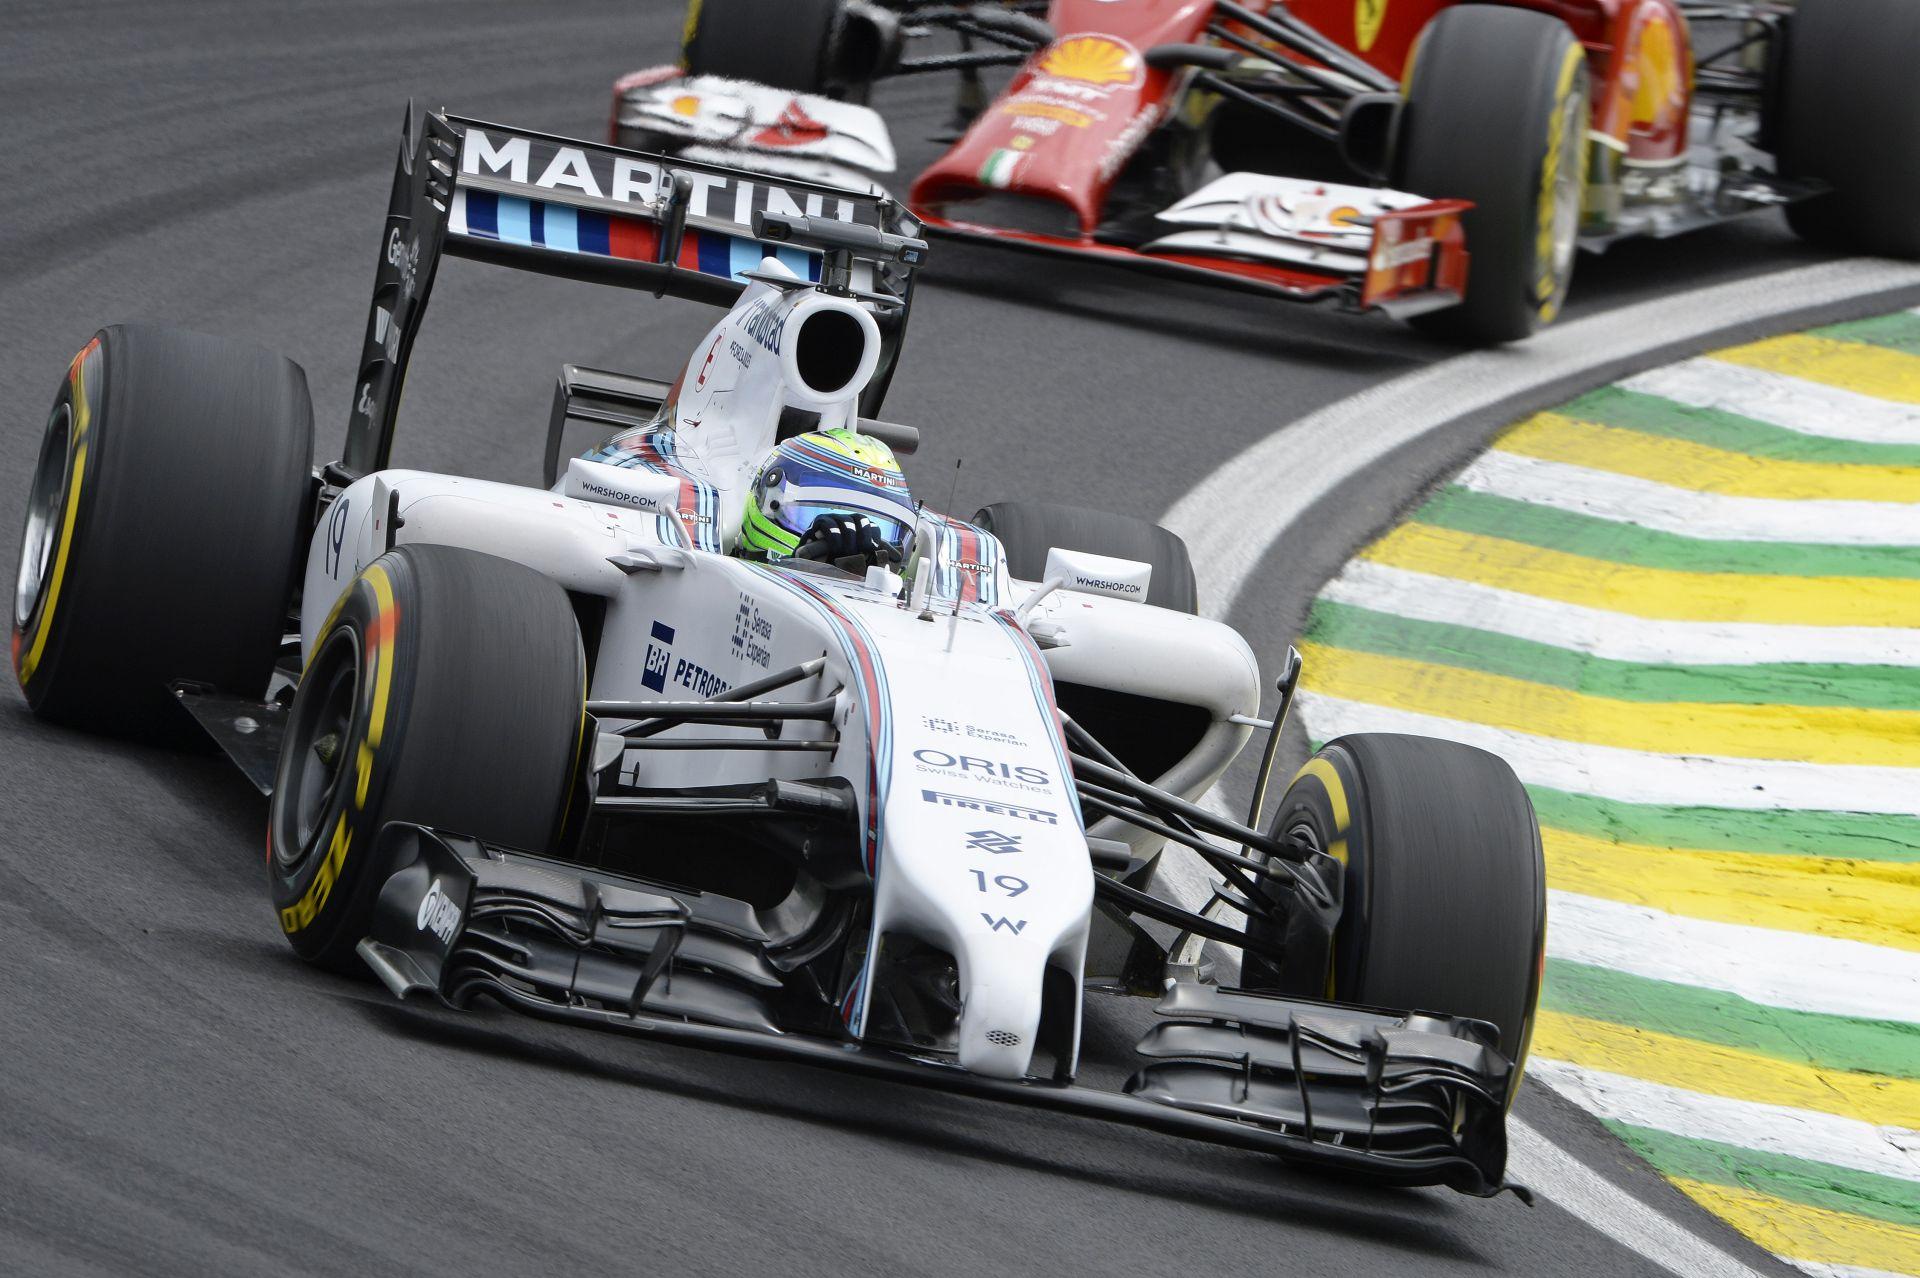 A Williams szerint nem lehetetlen, hogy a bajnoki címért harcoljanak 2015-ben